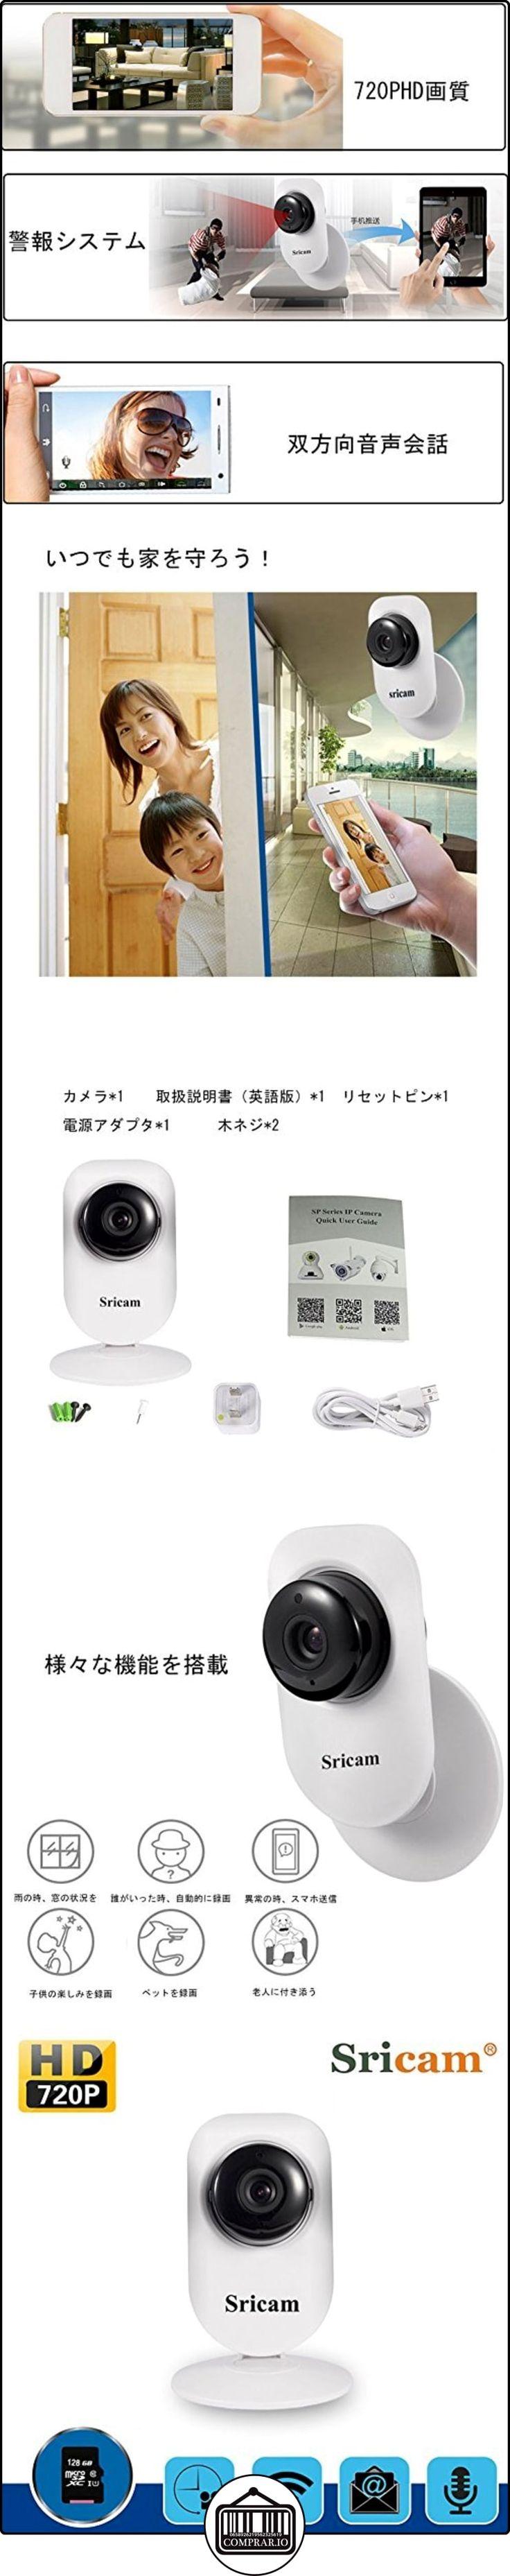 Sricam La monitorización inteligente por una clave de WiFi,cámara de monitor inalámbrico de visión nocturna de alta definición de 720P,función de hacer la alarma móvil----rectángulo  ✿ Vigilabebés - Seguridad ✿ ▬► Ver oferta: http://comprar.io/goto/B01N9UBL08